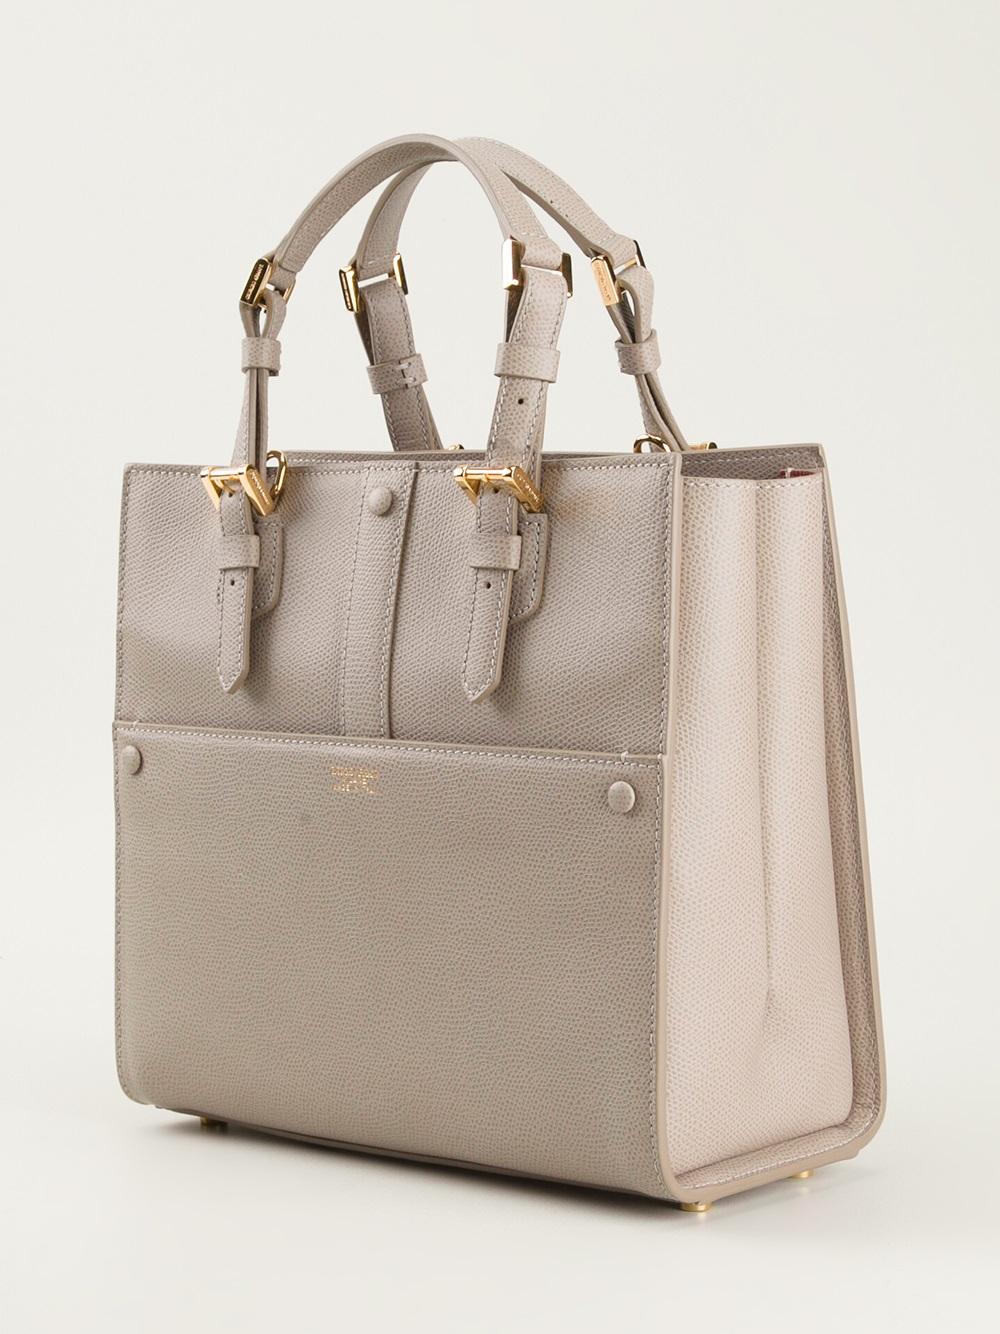 372d96115100 Lyst - Giorgio Armani Tote Bag in Gray